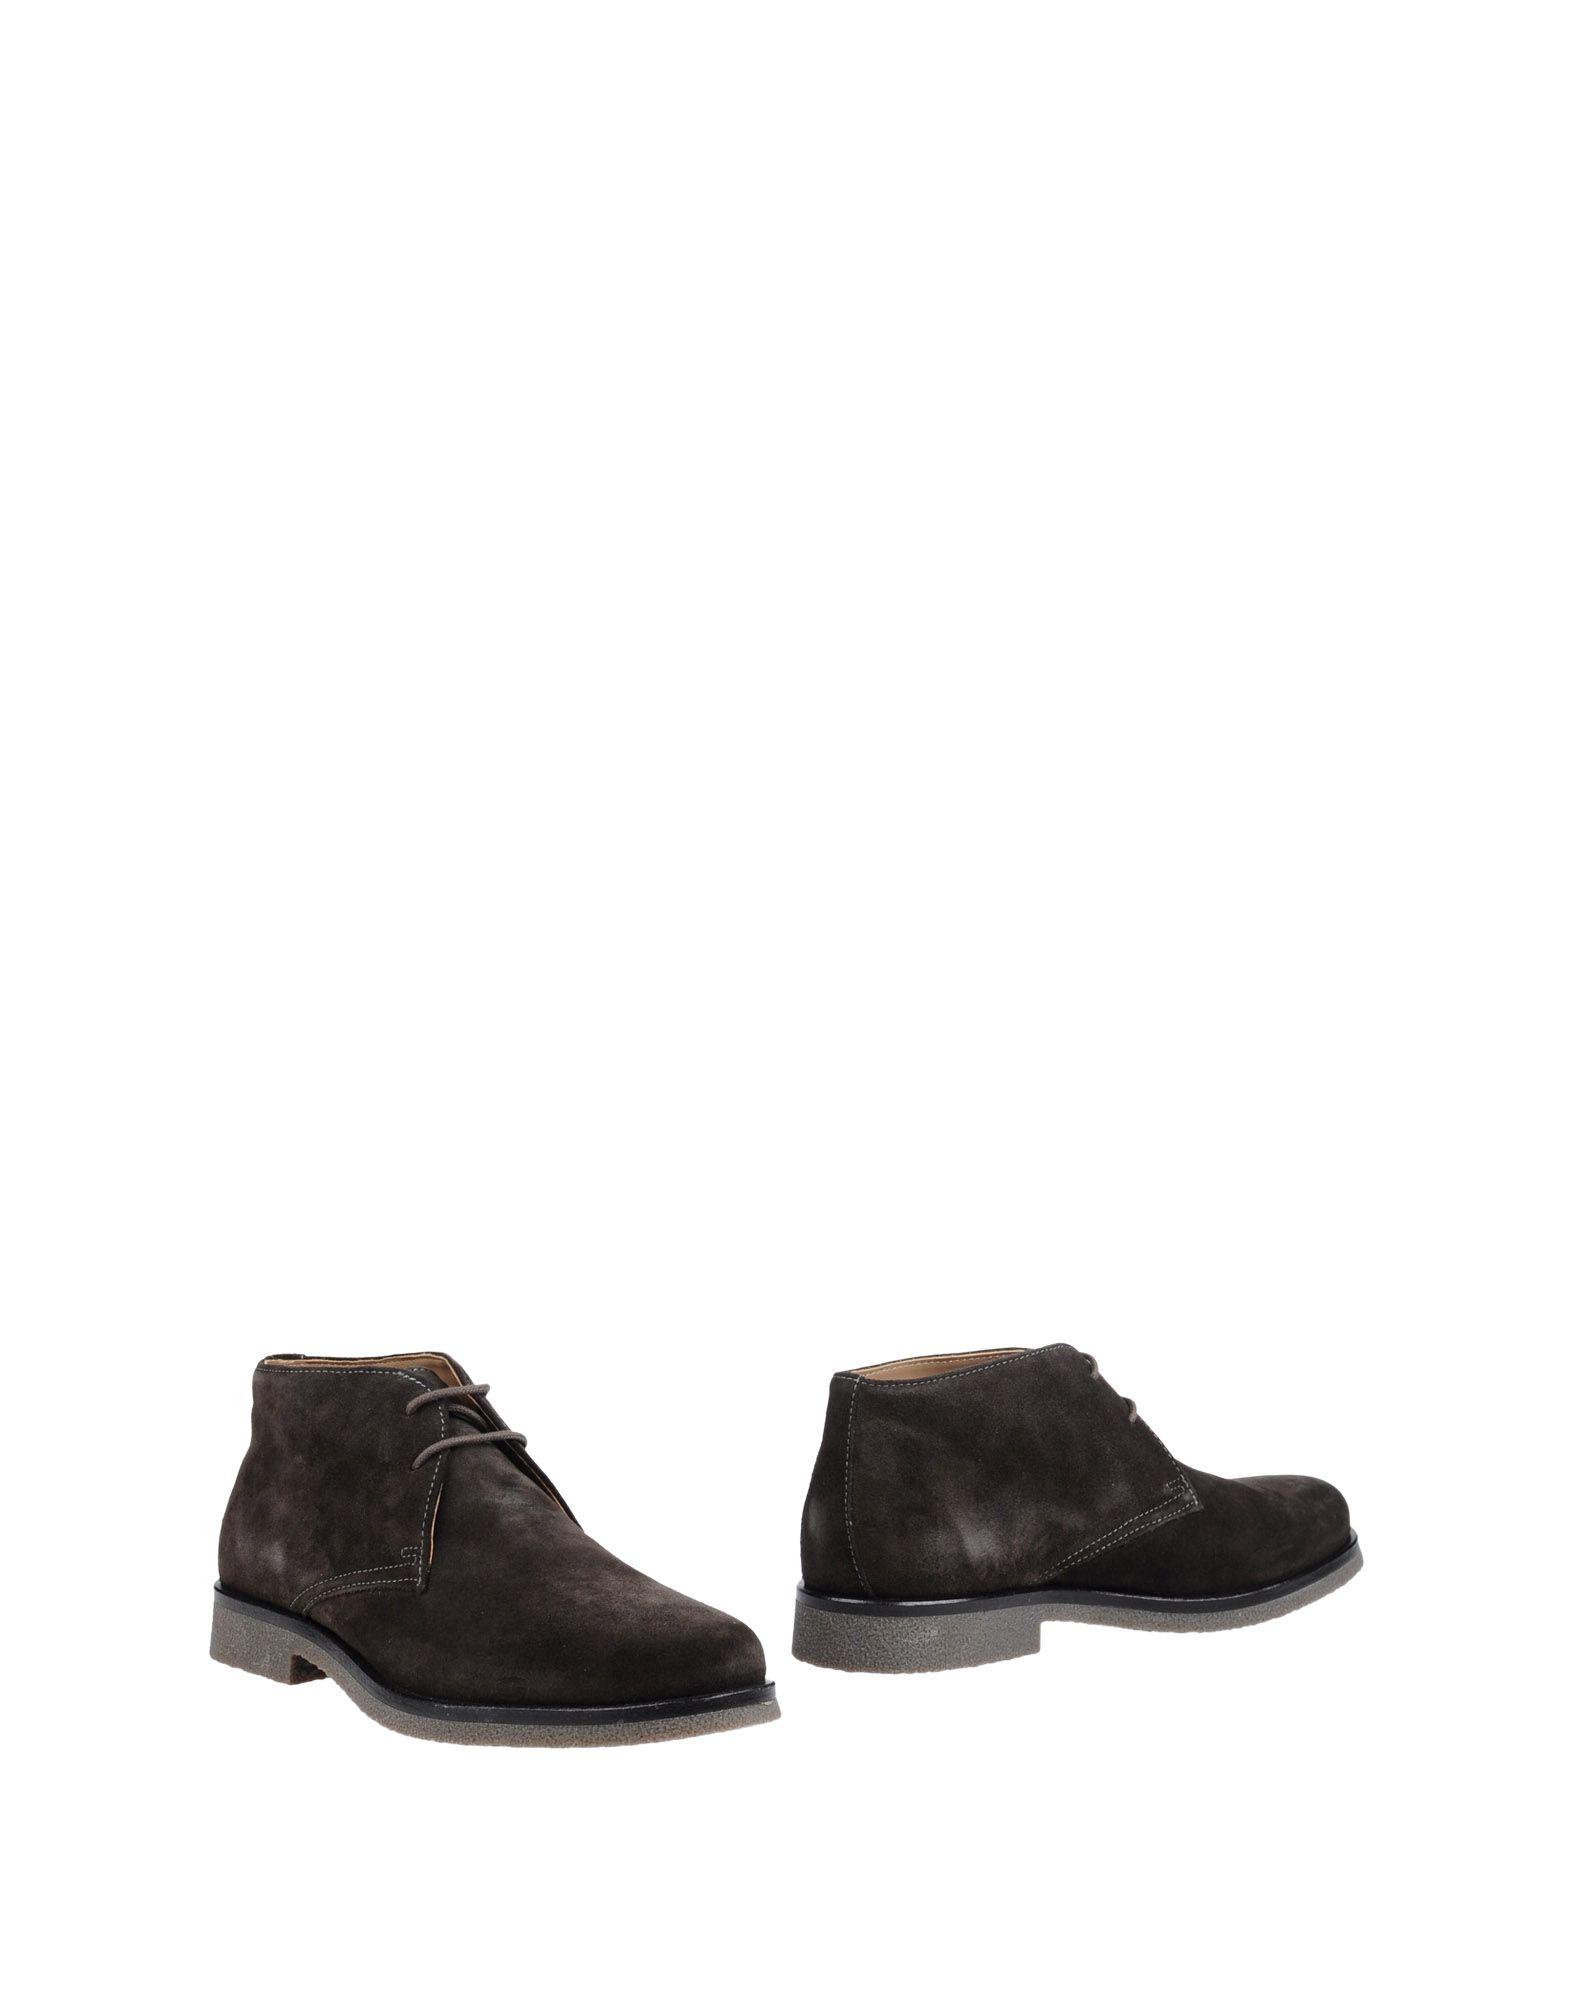 Rabatt echte Schuhe Geox Stiefelette Herren  11254595BJ